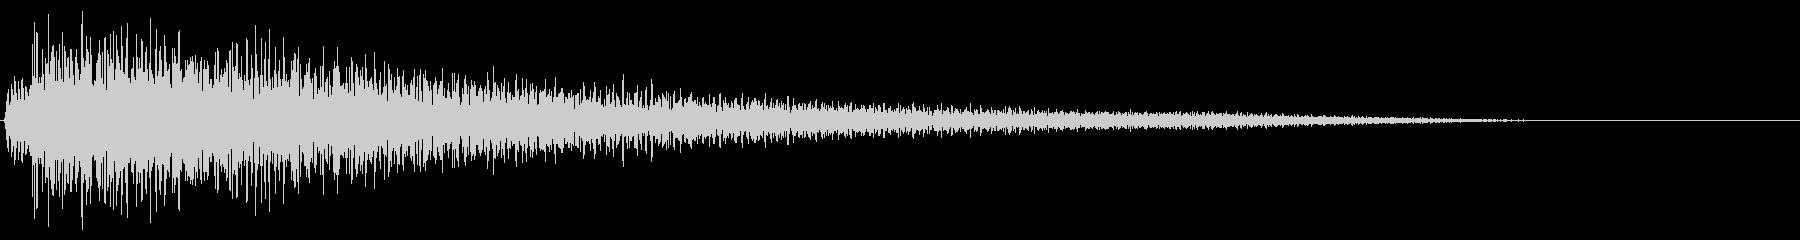 【ピアノ生演奏】心温まるジングルの未再生の波形